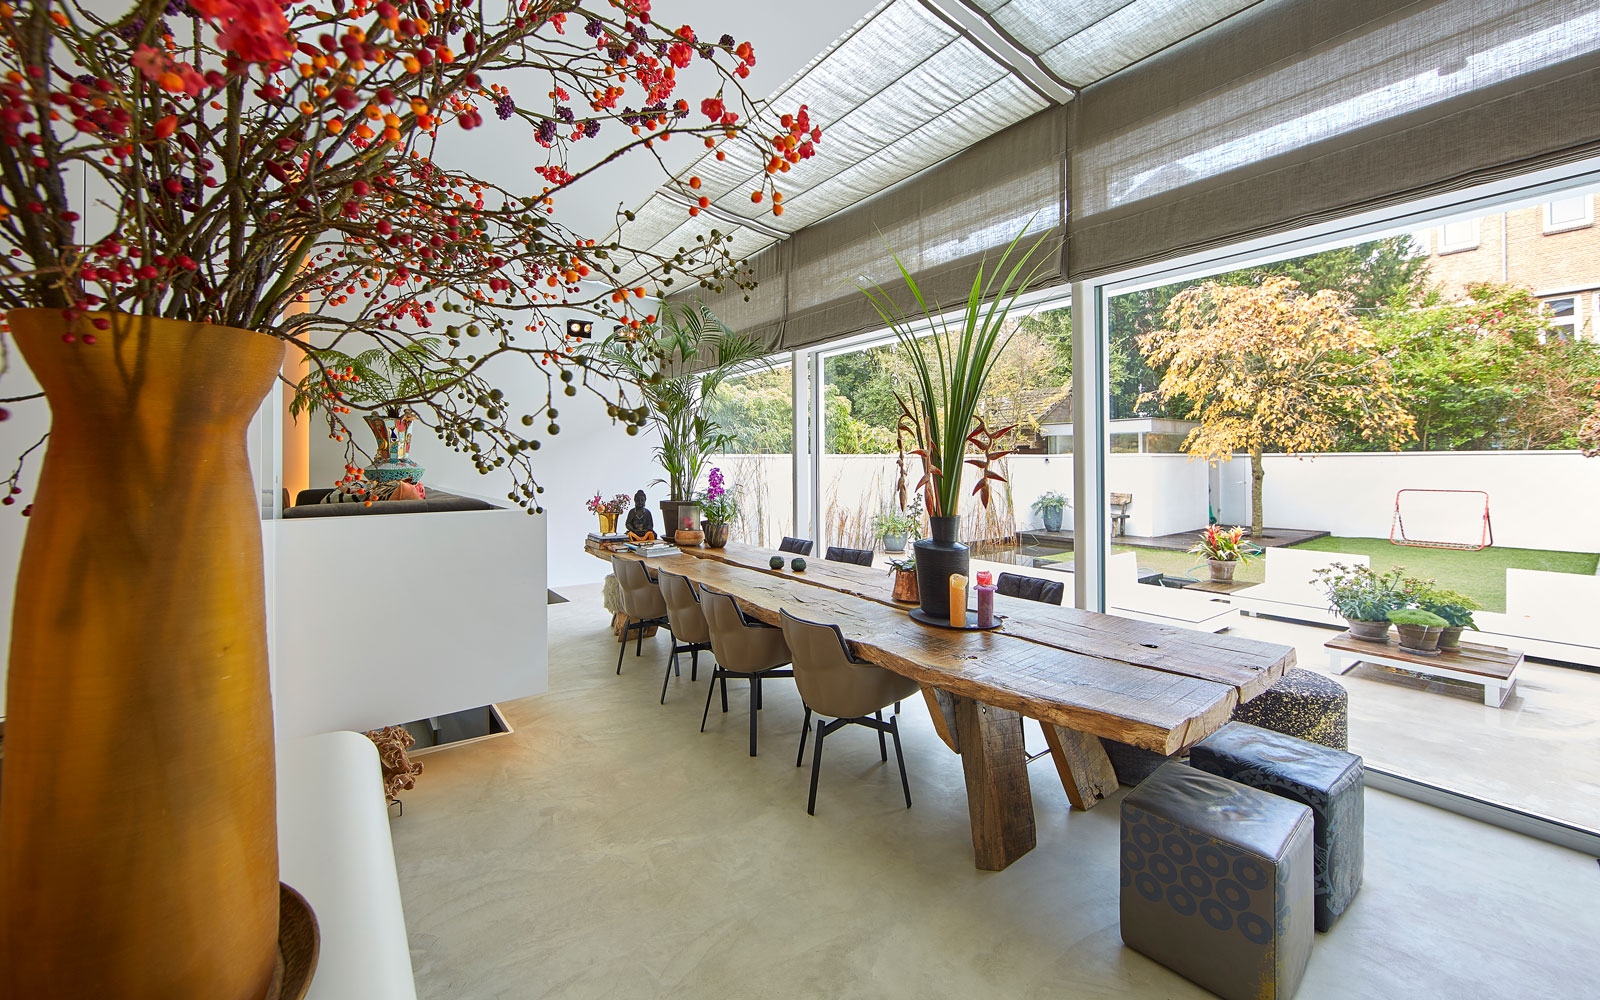 Eettafel, boomstamblad, boomstamtafel, grote ramen, zicht op de tuin, grachtenpand, Bart van Wijk